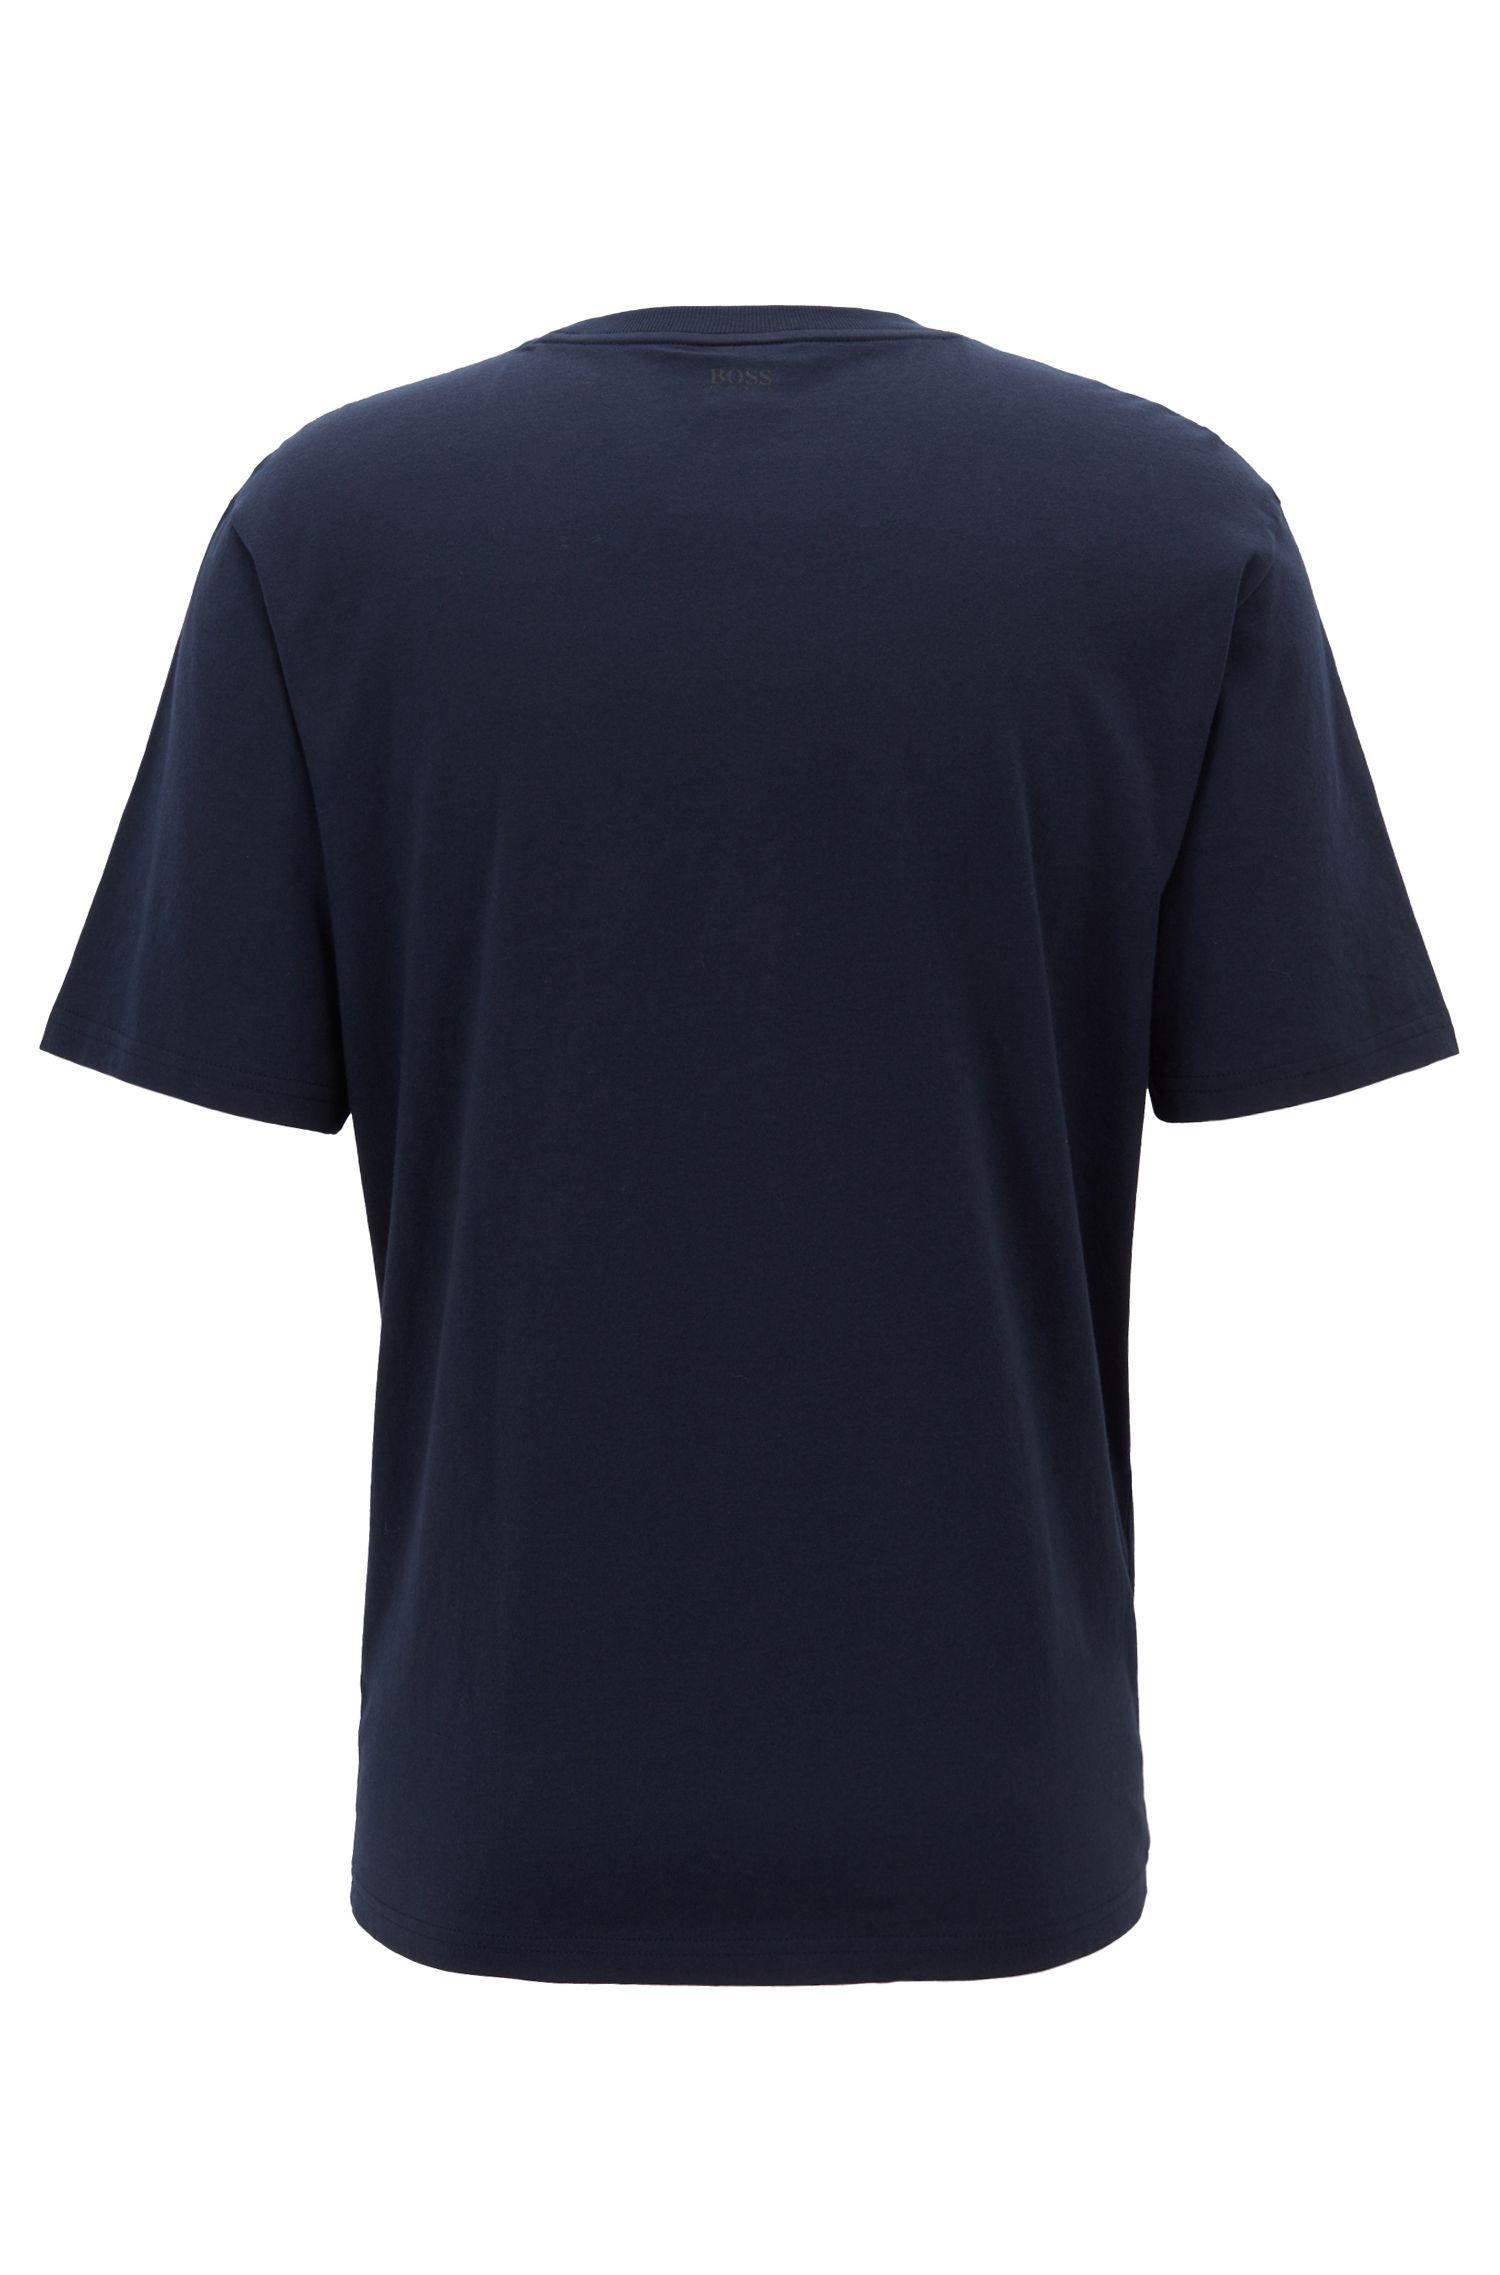 Relaxed-Fit T-Shirt aus reiner Baumwolle mit gummiertem Print, Dunkelblau